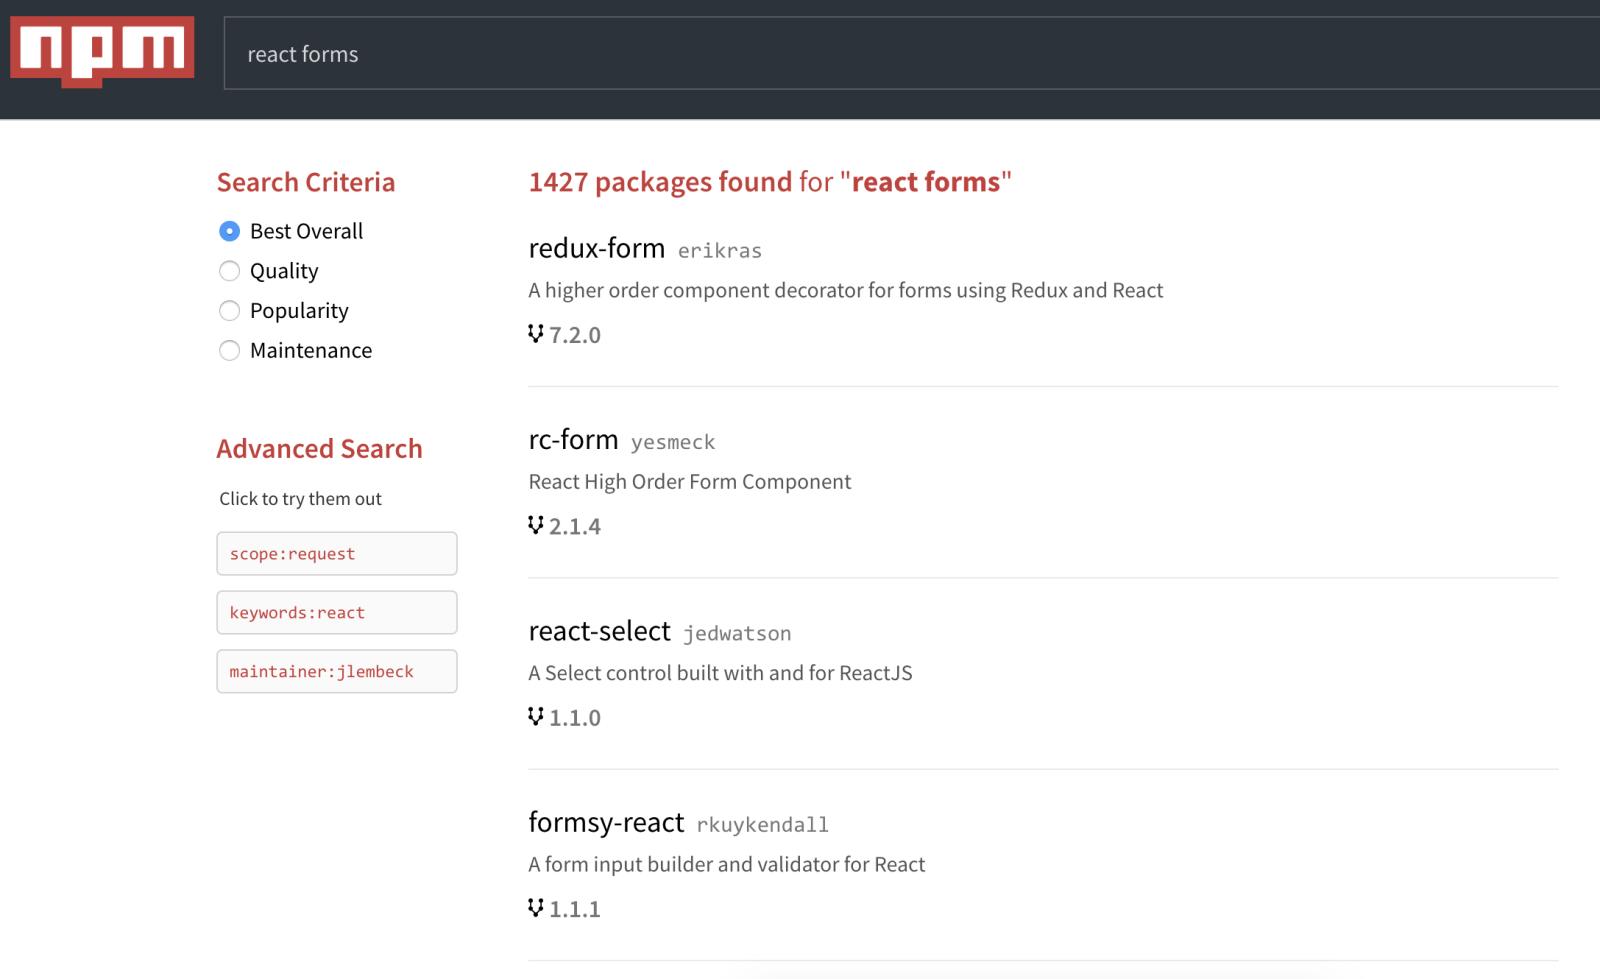 Recherche son package sur npm (react forms)